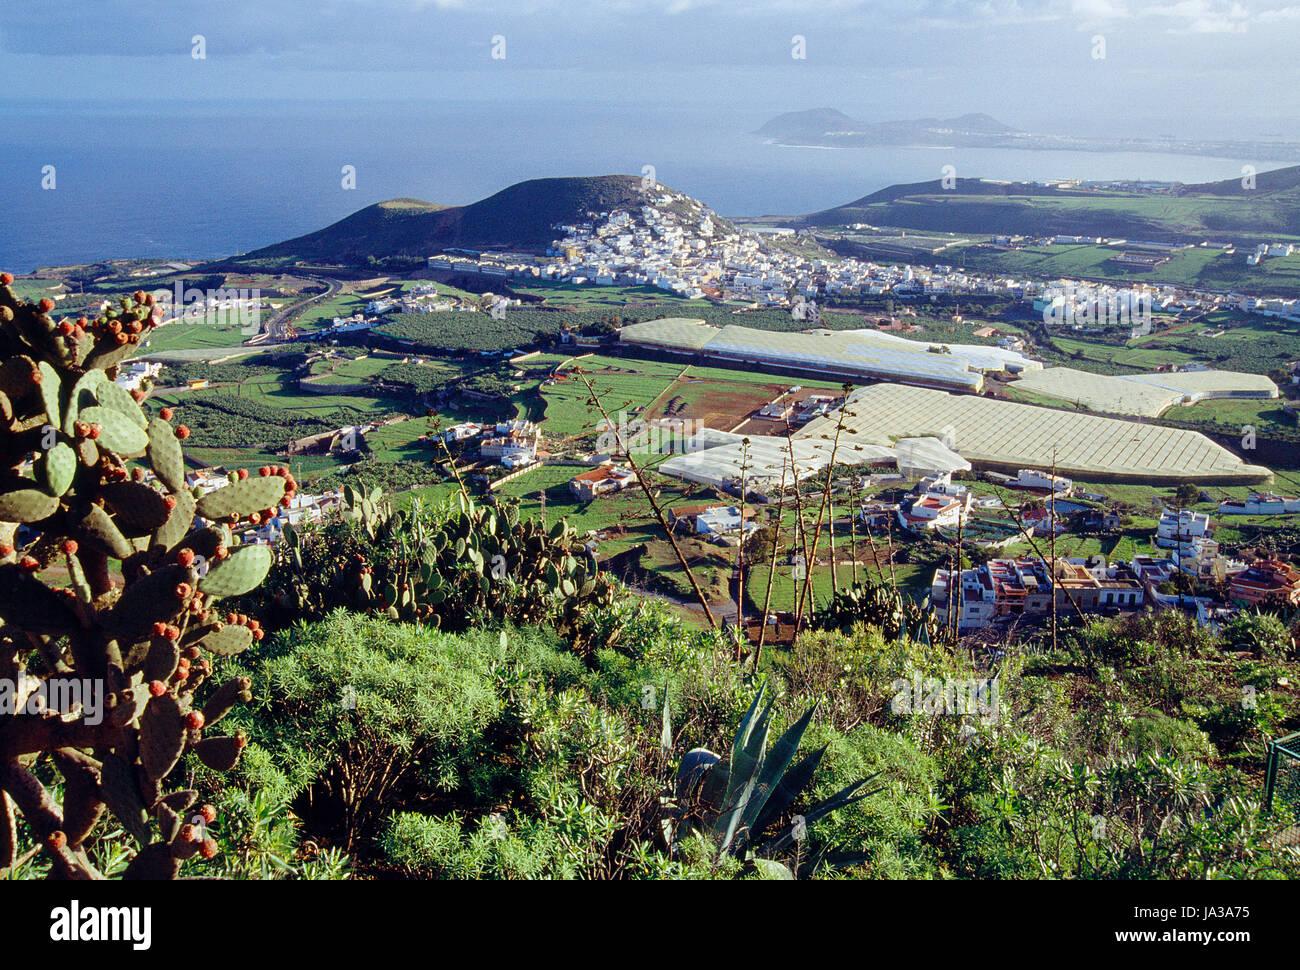 Übersicht von Montaña de Arucas. Gran Canaria Insel, Kanarische Inseln, Spanien. Stockbild